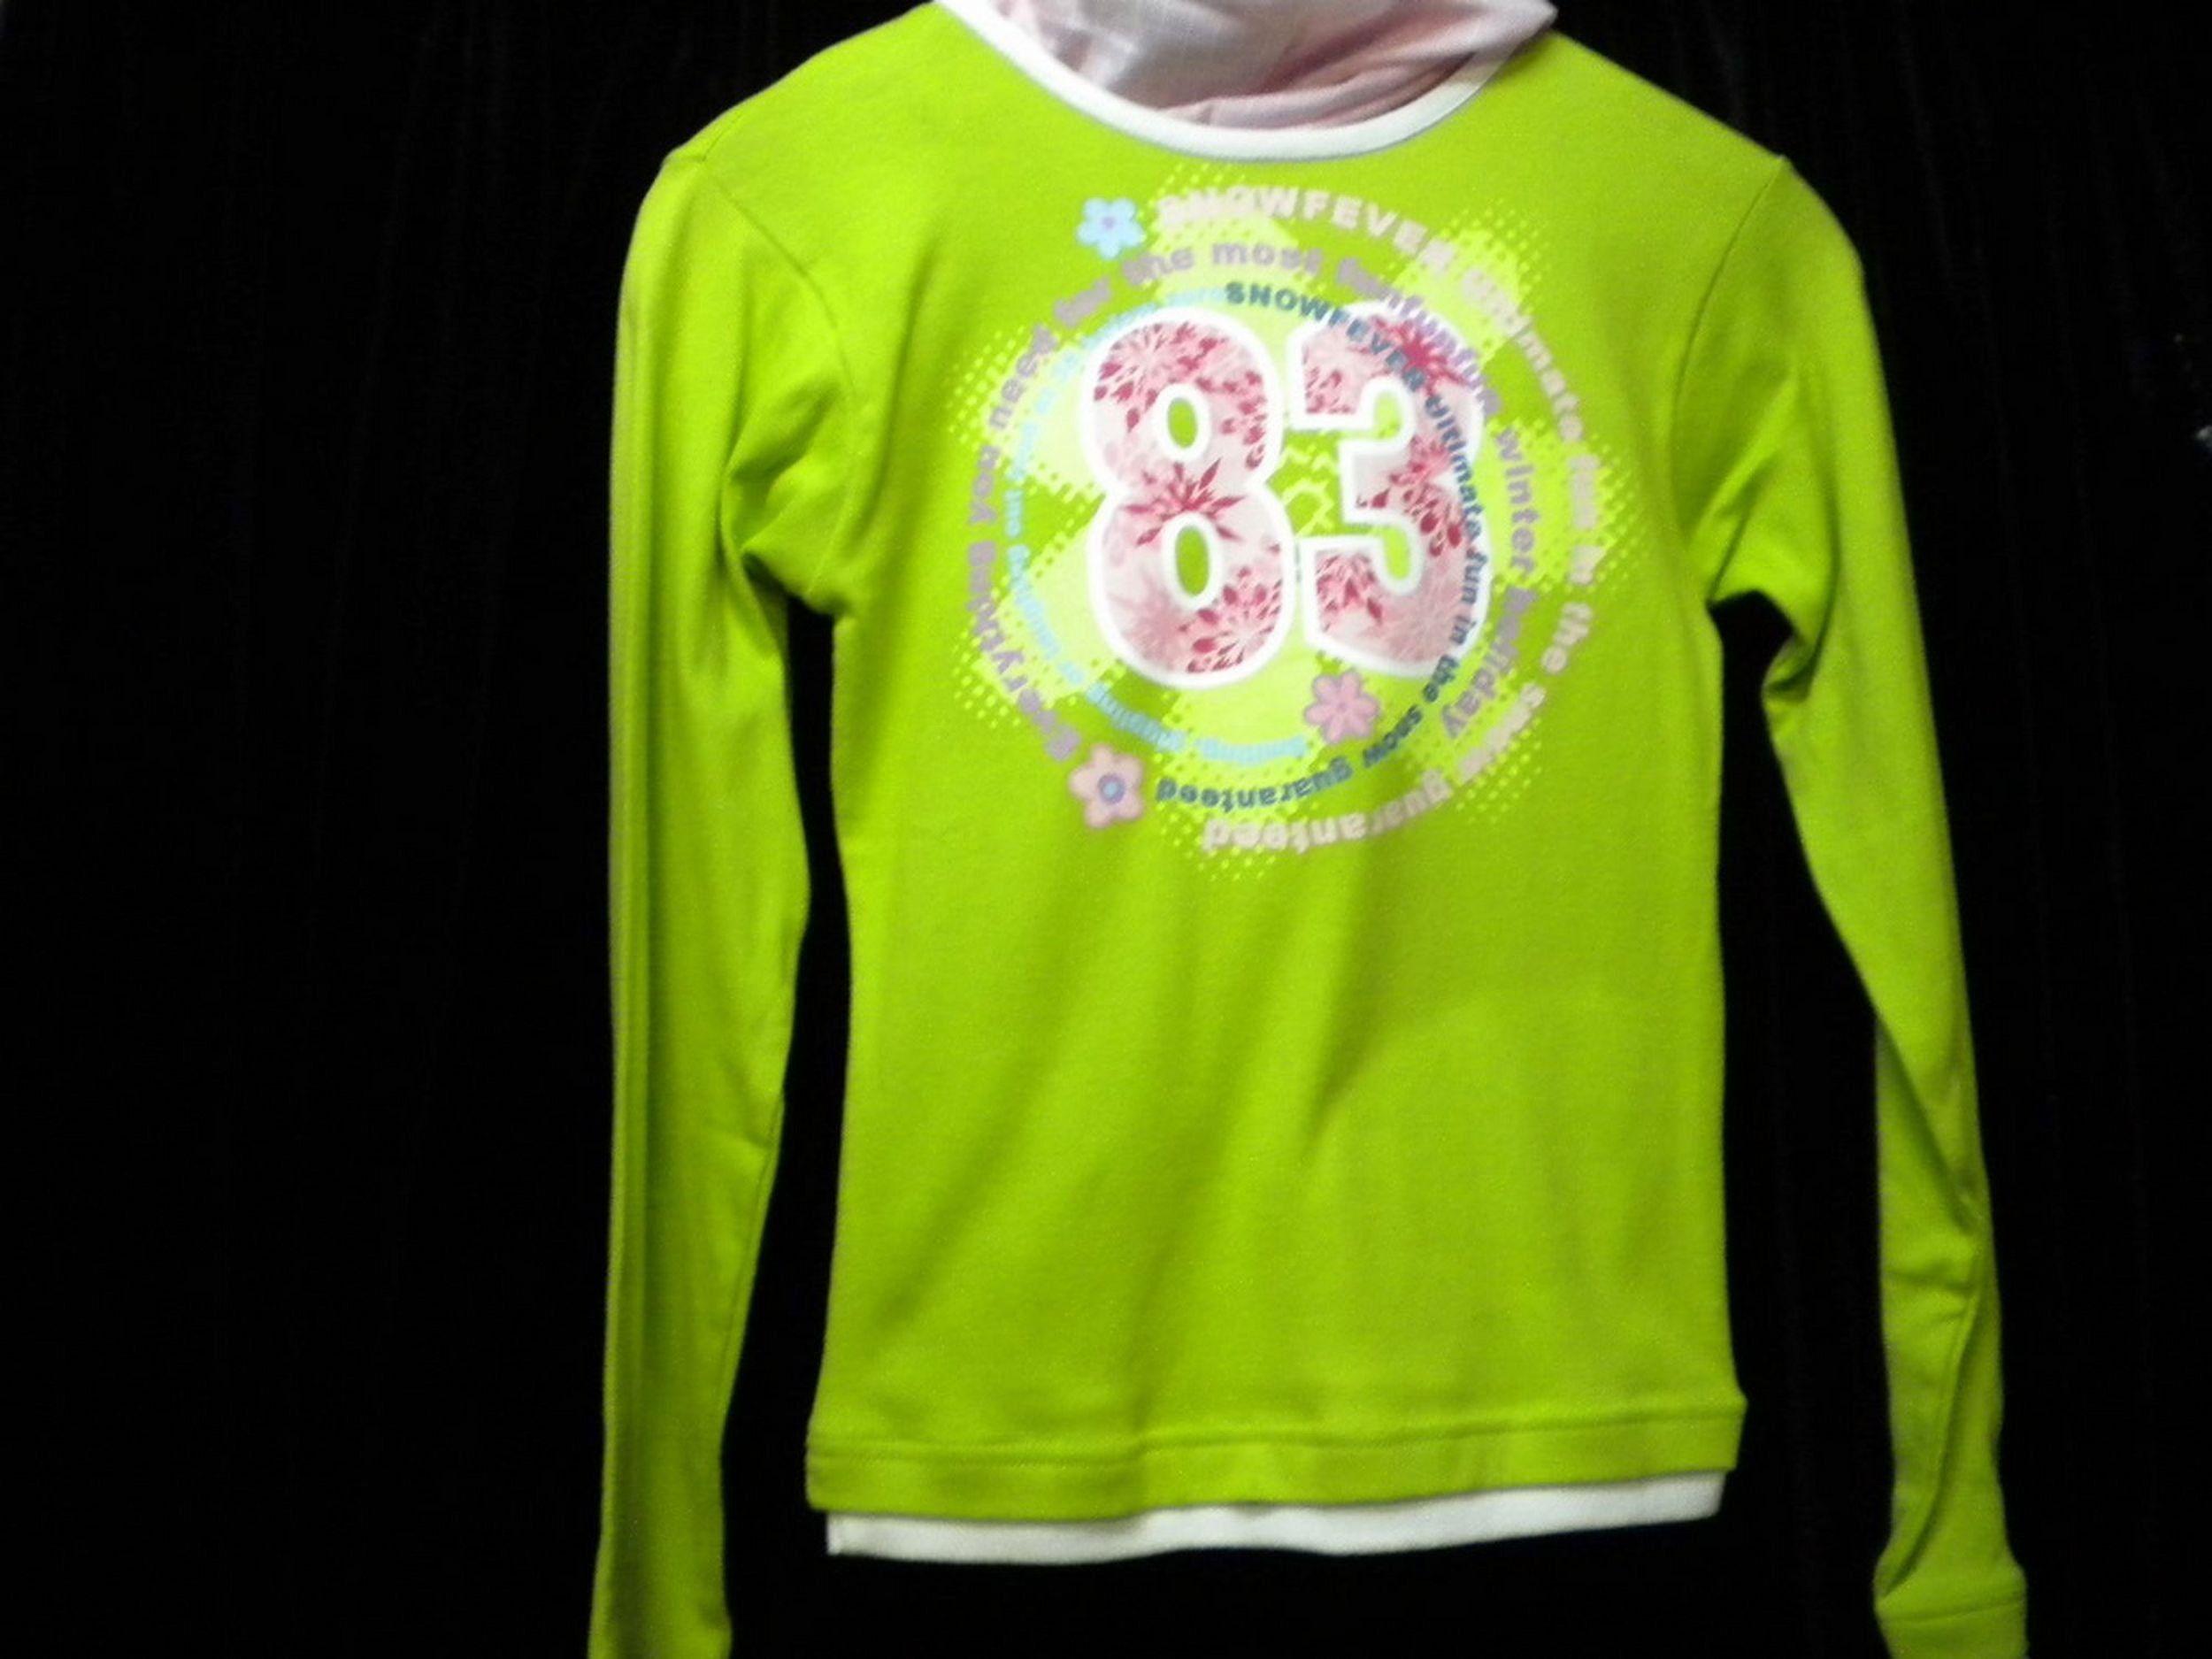 official photos c6cf6 4fd3d Girls Shirt, Langarmshirt, Mädchen, grün- rosa- weiß, Größe ...